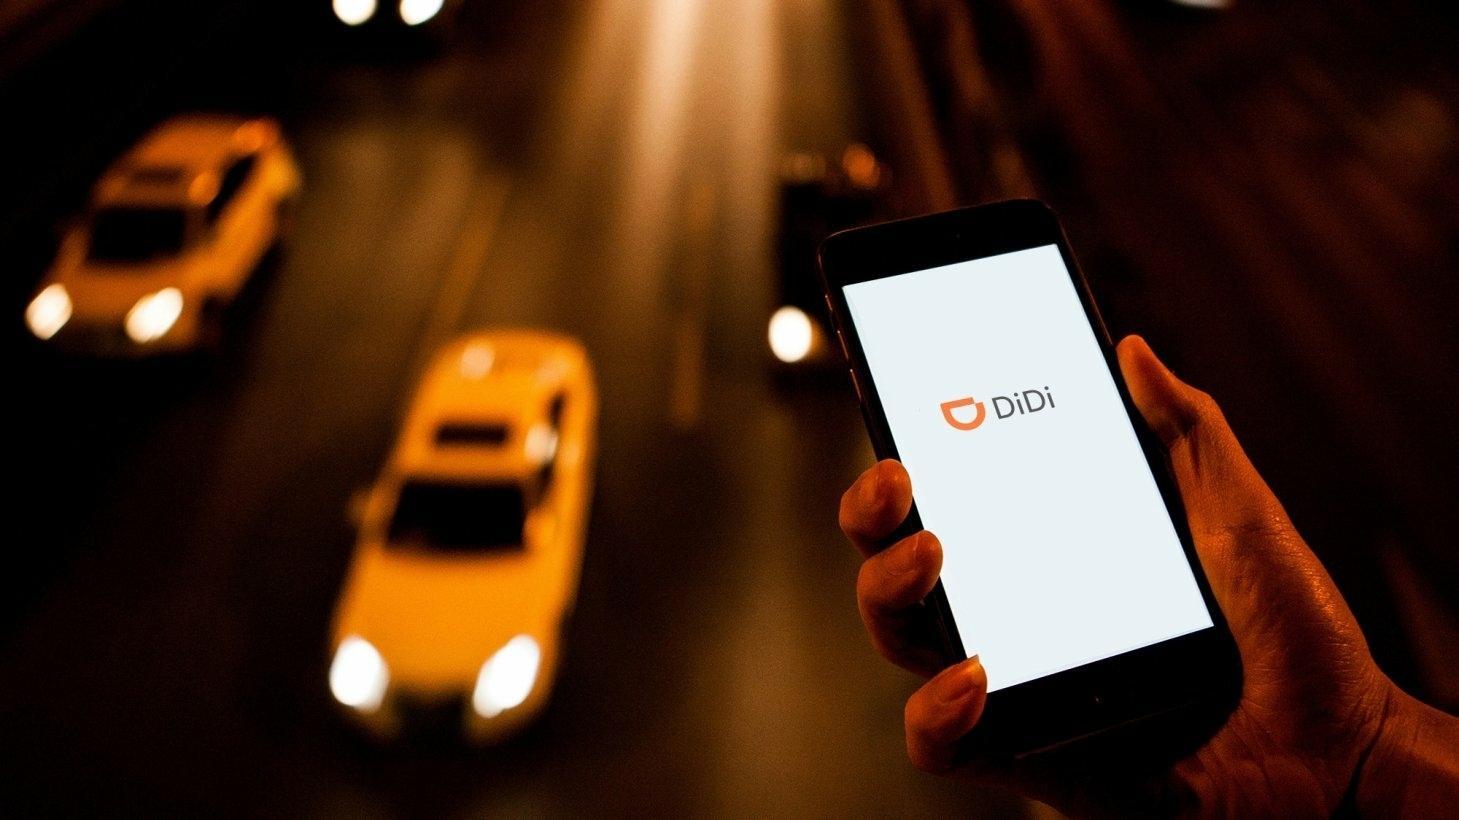 چین دستور به حذف بزرگترین سرویس اشتراک سواری این کشور، Didi از فروشگاههای اپ داد